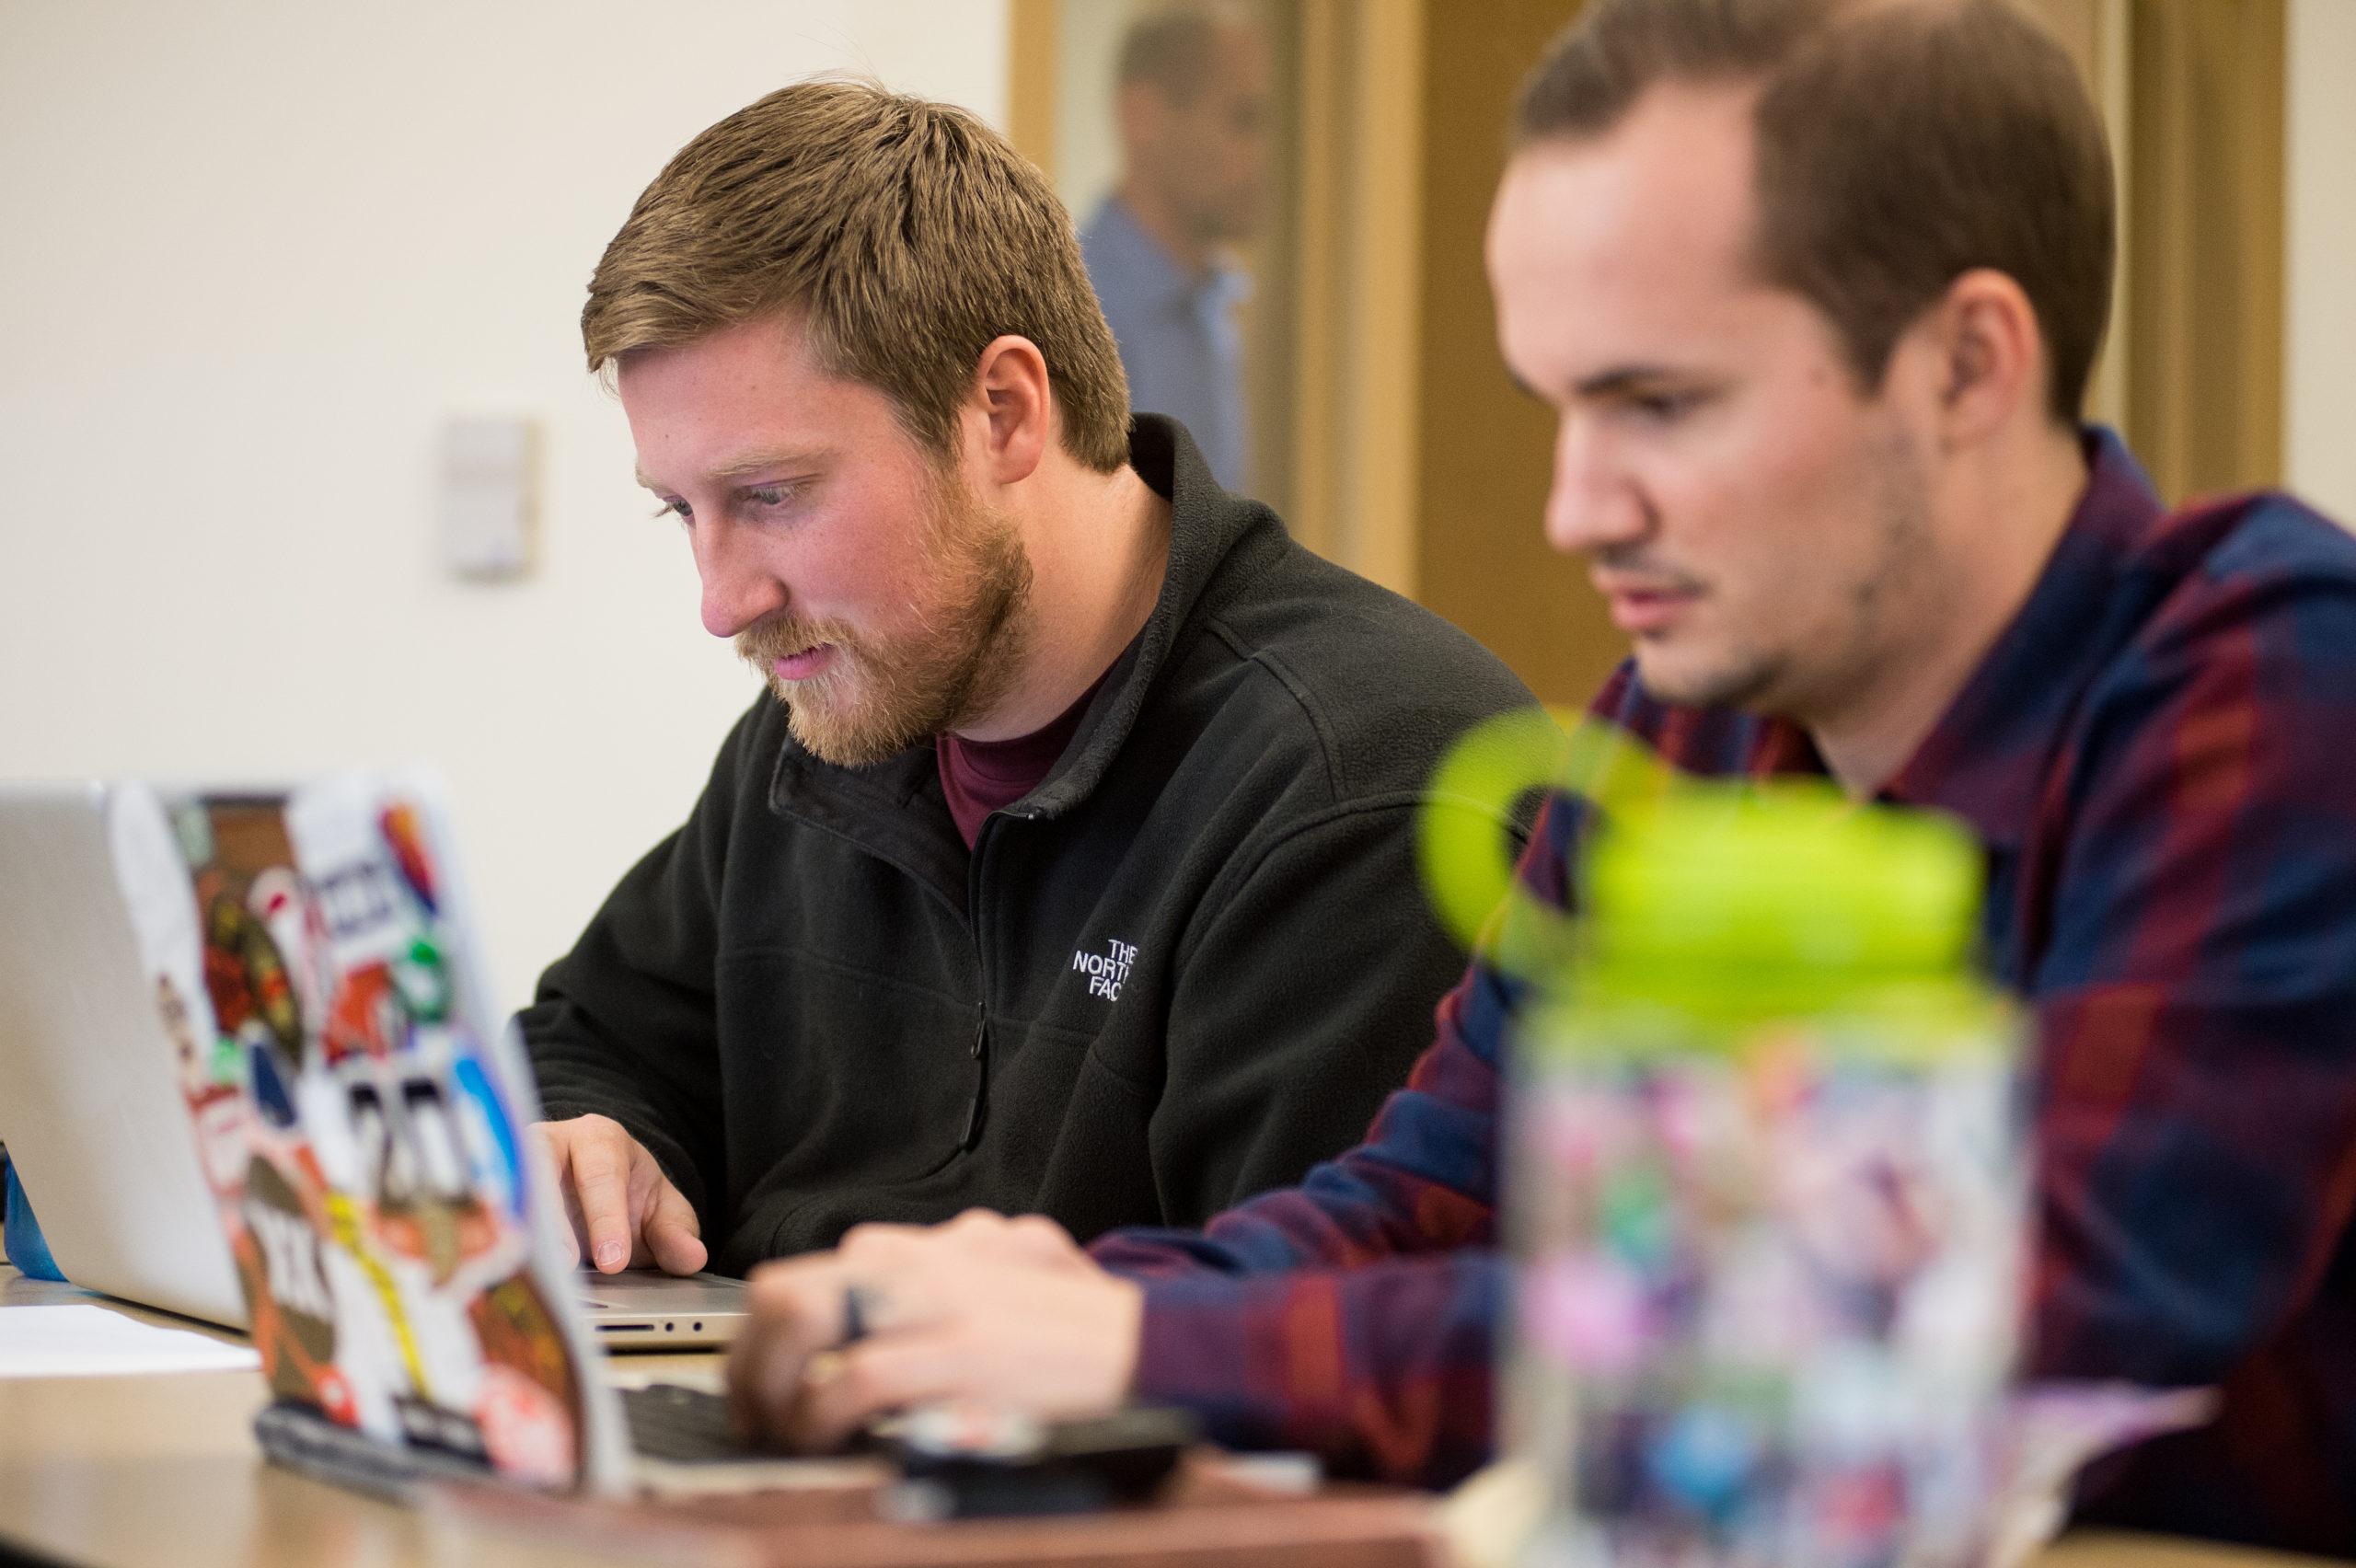 two men on laptops